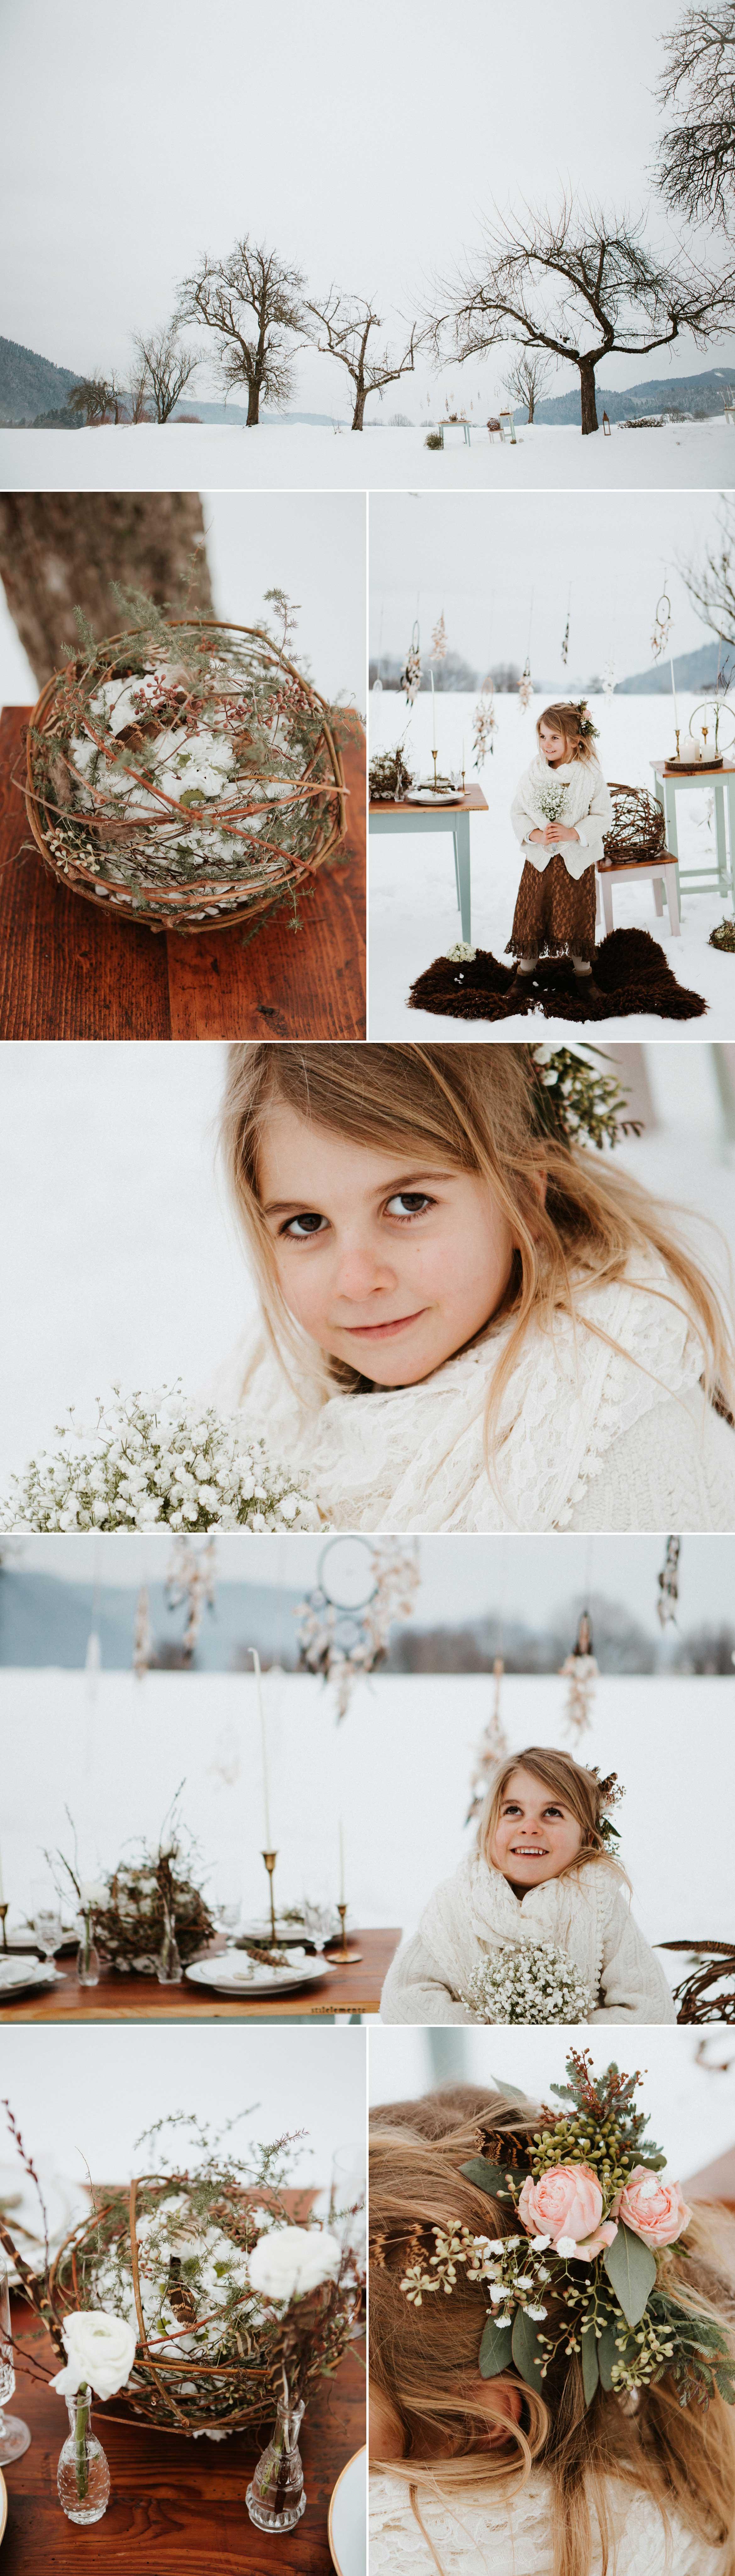 Wir haben uns auf ein außergewöhnliches Dekorationskonzept fokussiert. Handgearbeitete Leihmöbel in klaren Linien und kühlen Farben. Den Metalltrend, nostalgisch und edel, in Kerzenständer, geschmückt mit langen dünnen Kerzen. Das Geschirr welches Geschichte schreibt. Federn die Leichtigkeit bringen. Eine Floristik in wilder Romantik, karges Holz geschmückt mit lieblichen Blüten. So wunderbar kann der Liebestraum in der klirrenden Kälte aussehen.